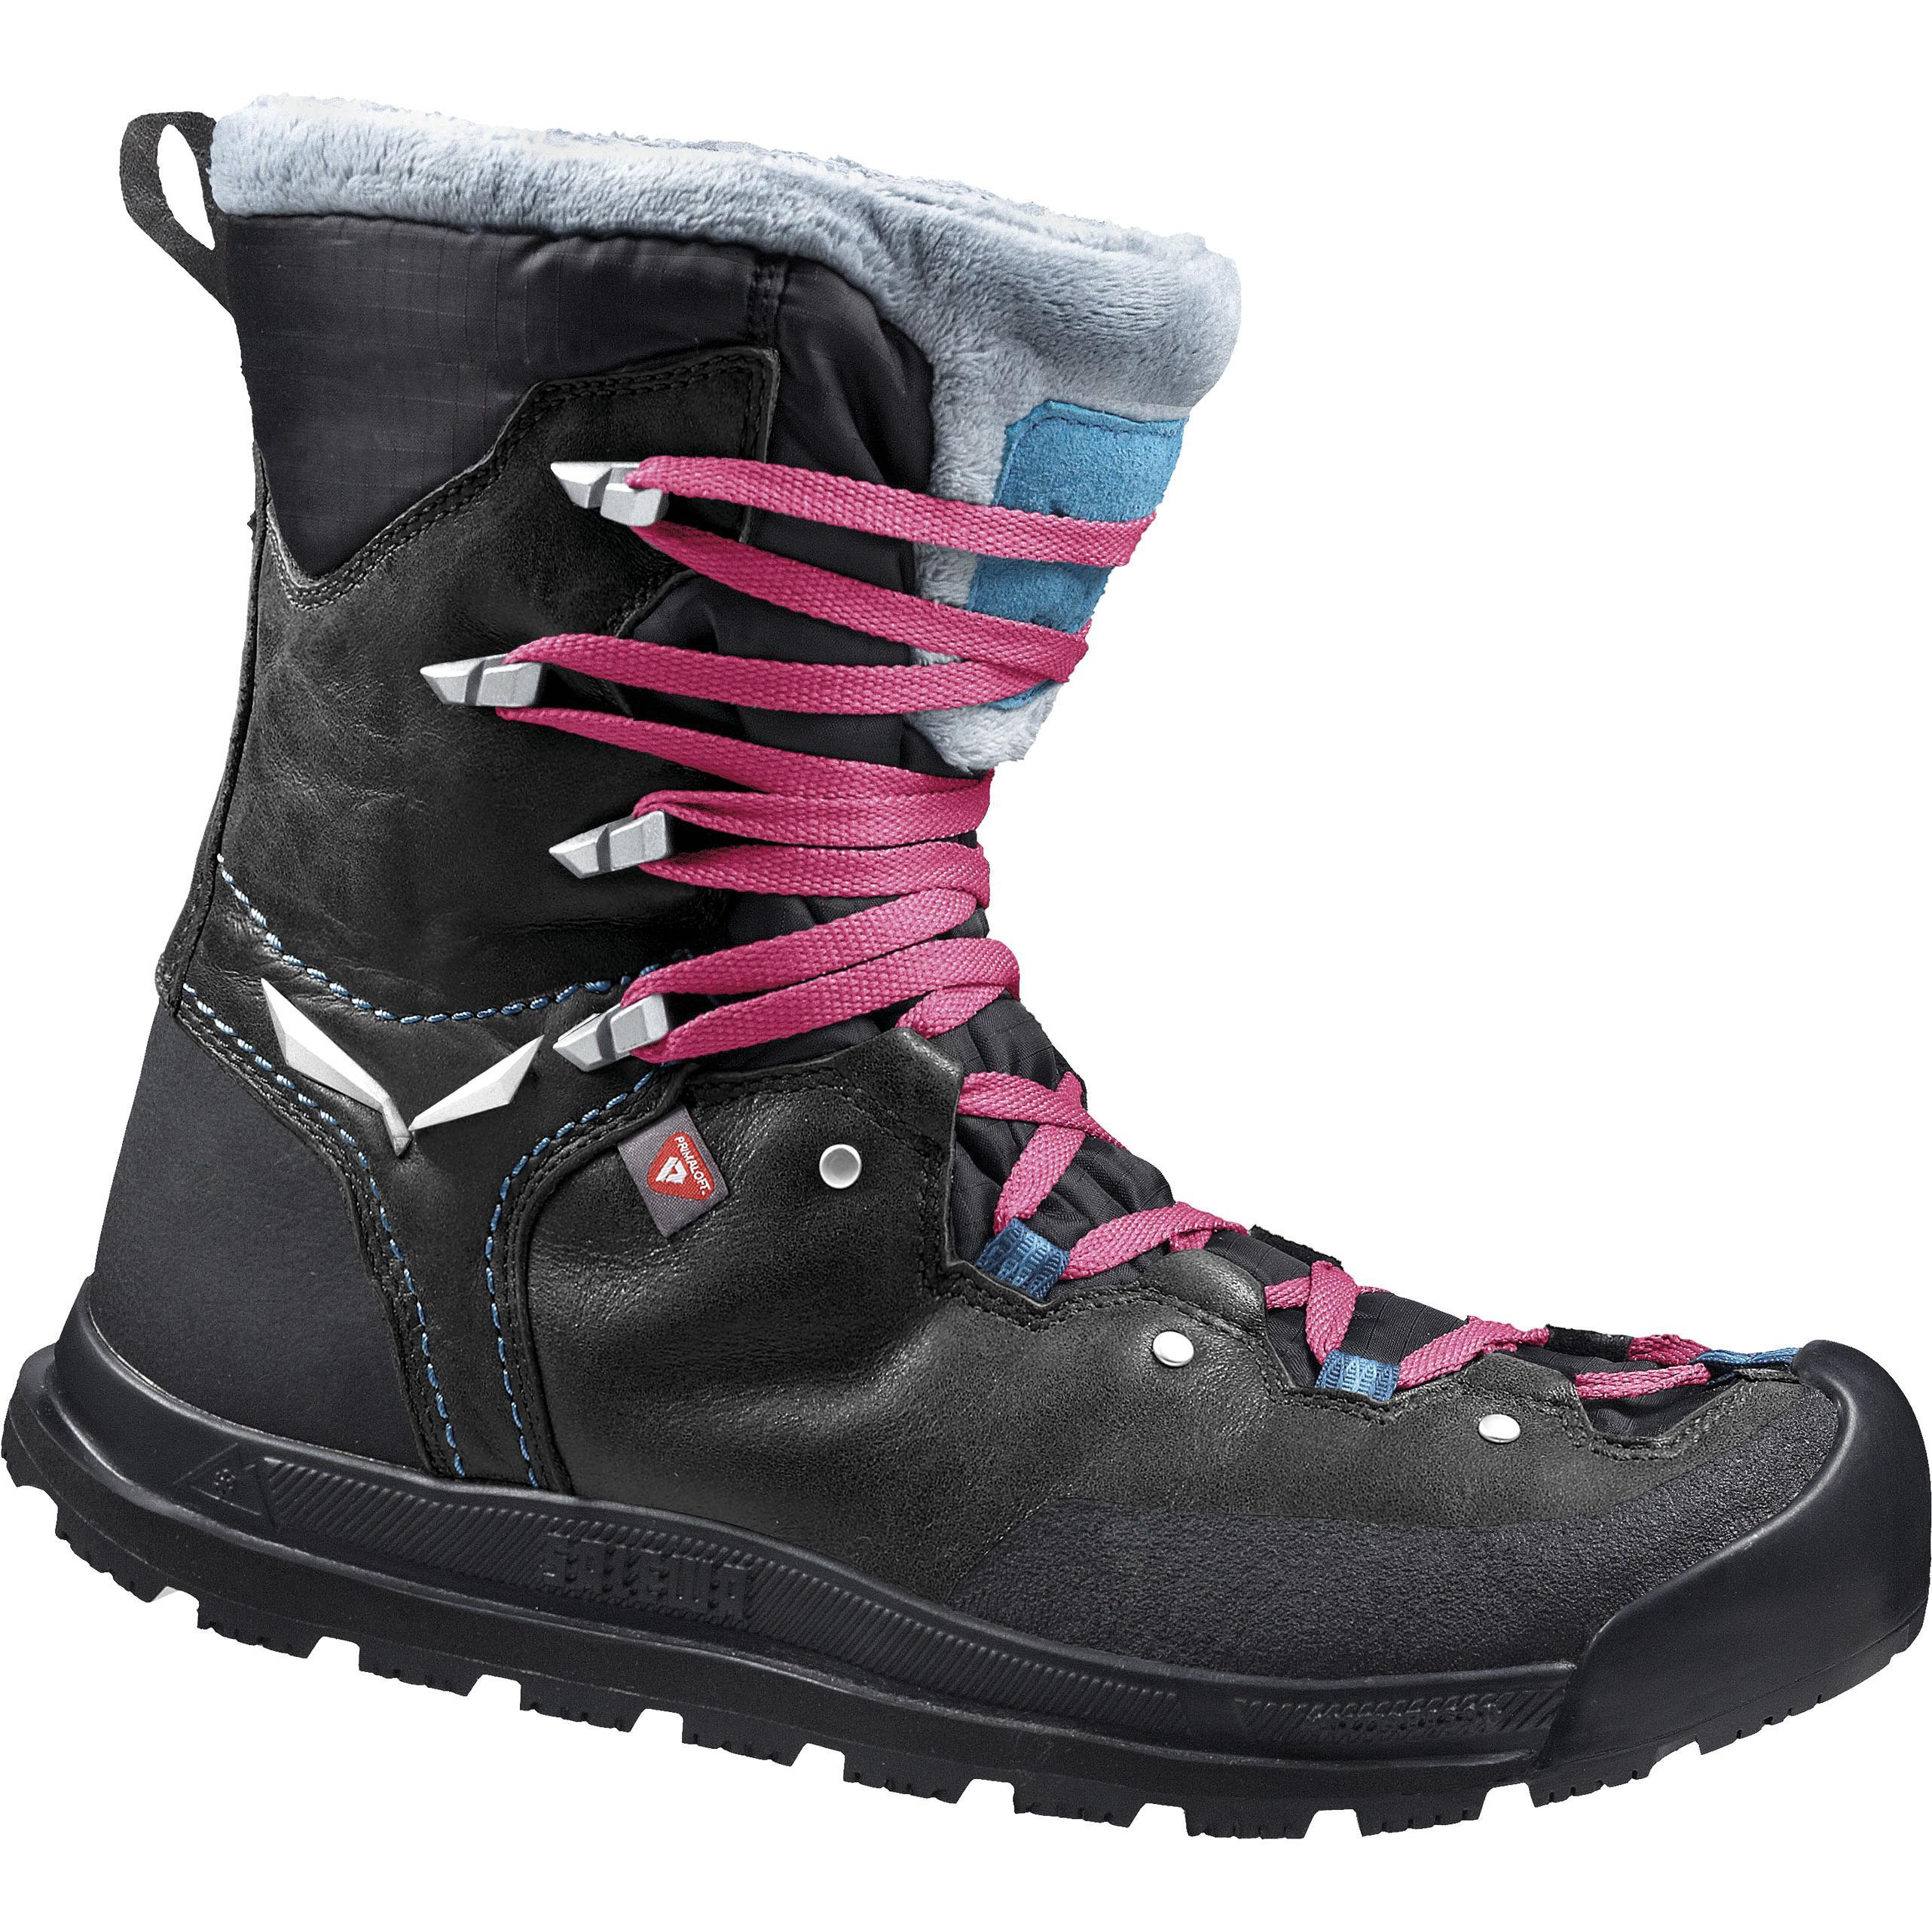 Купить Ботинки городские (высокие) Salewa 2017-18 WS SNOWCAP WP Black/Pagoda Зимняя обувь 1205757